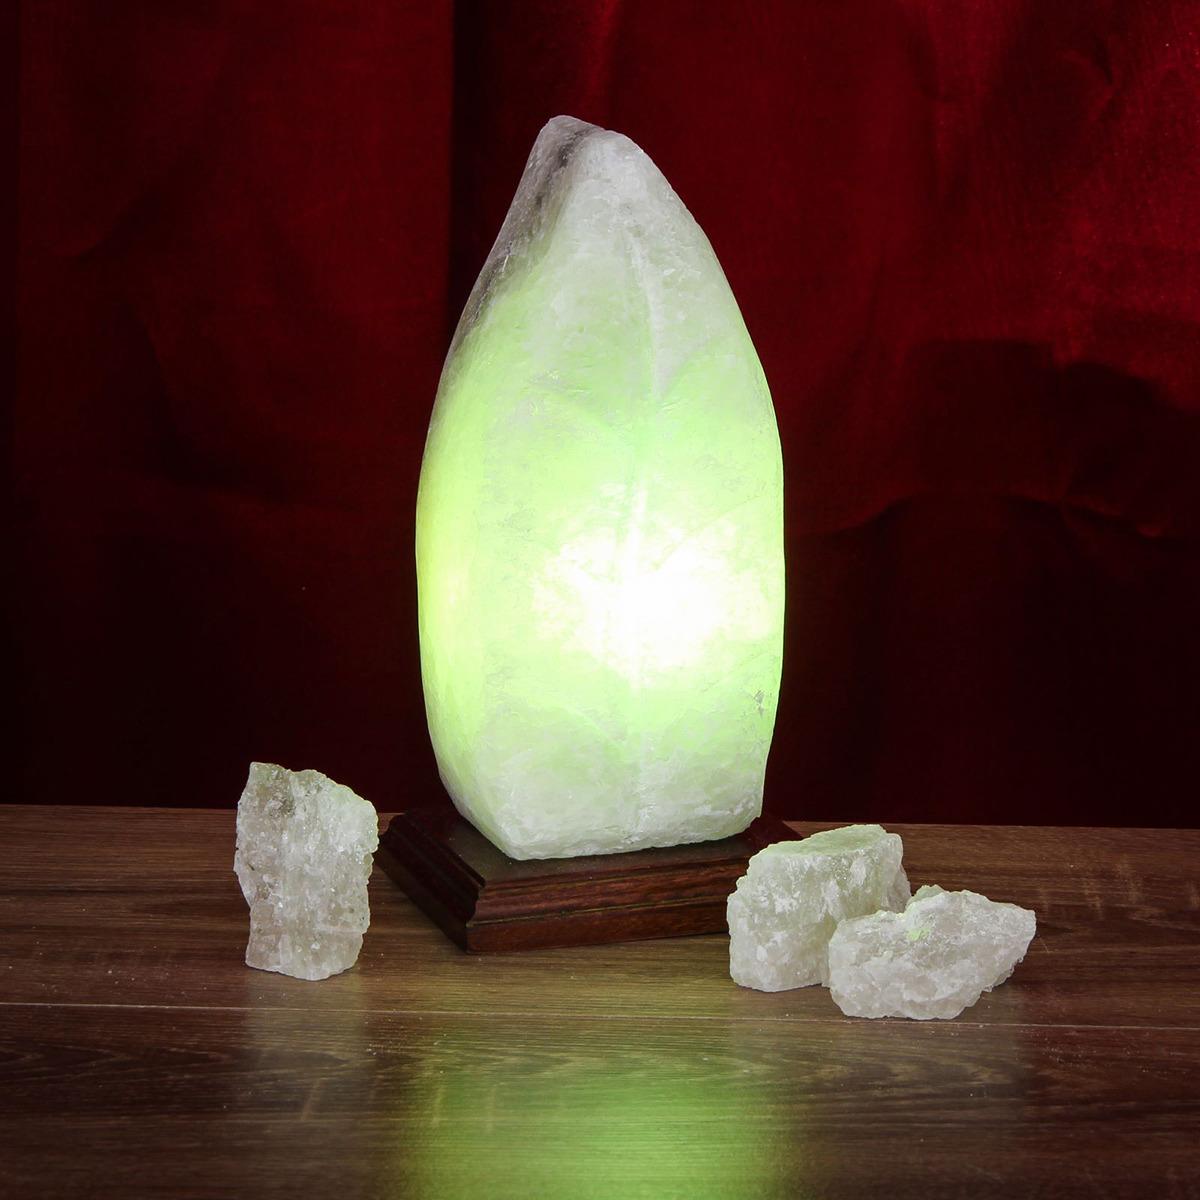 Декоративный светильник Ваше Здоровье Лист простой, соляной, E14, 20W, 1533520, бежевый, 10 х 12 х 22 см